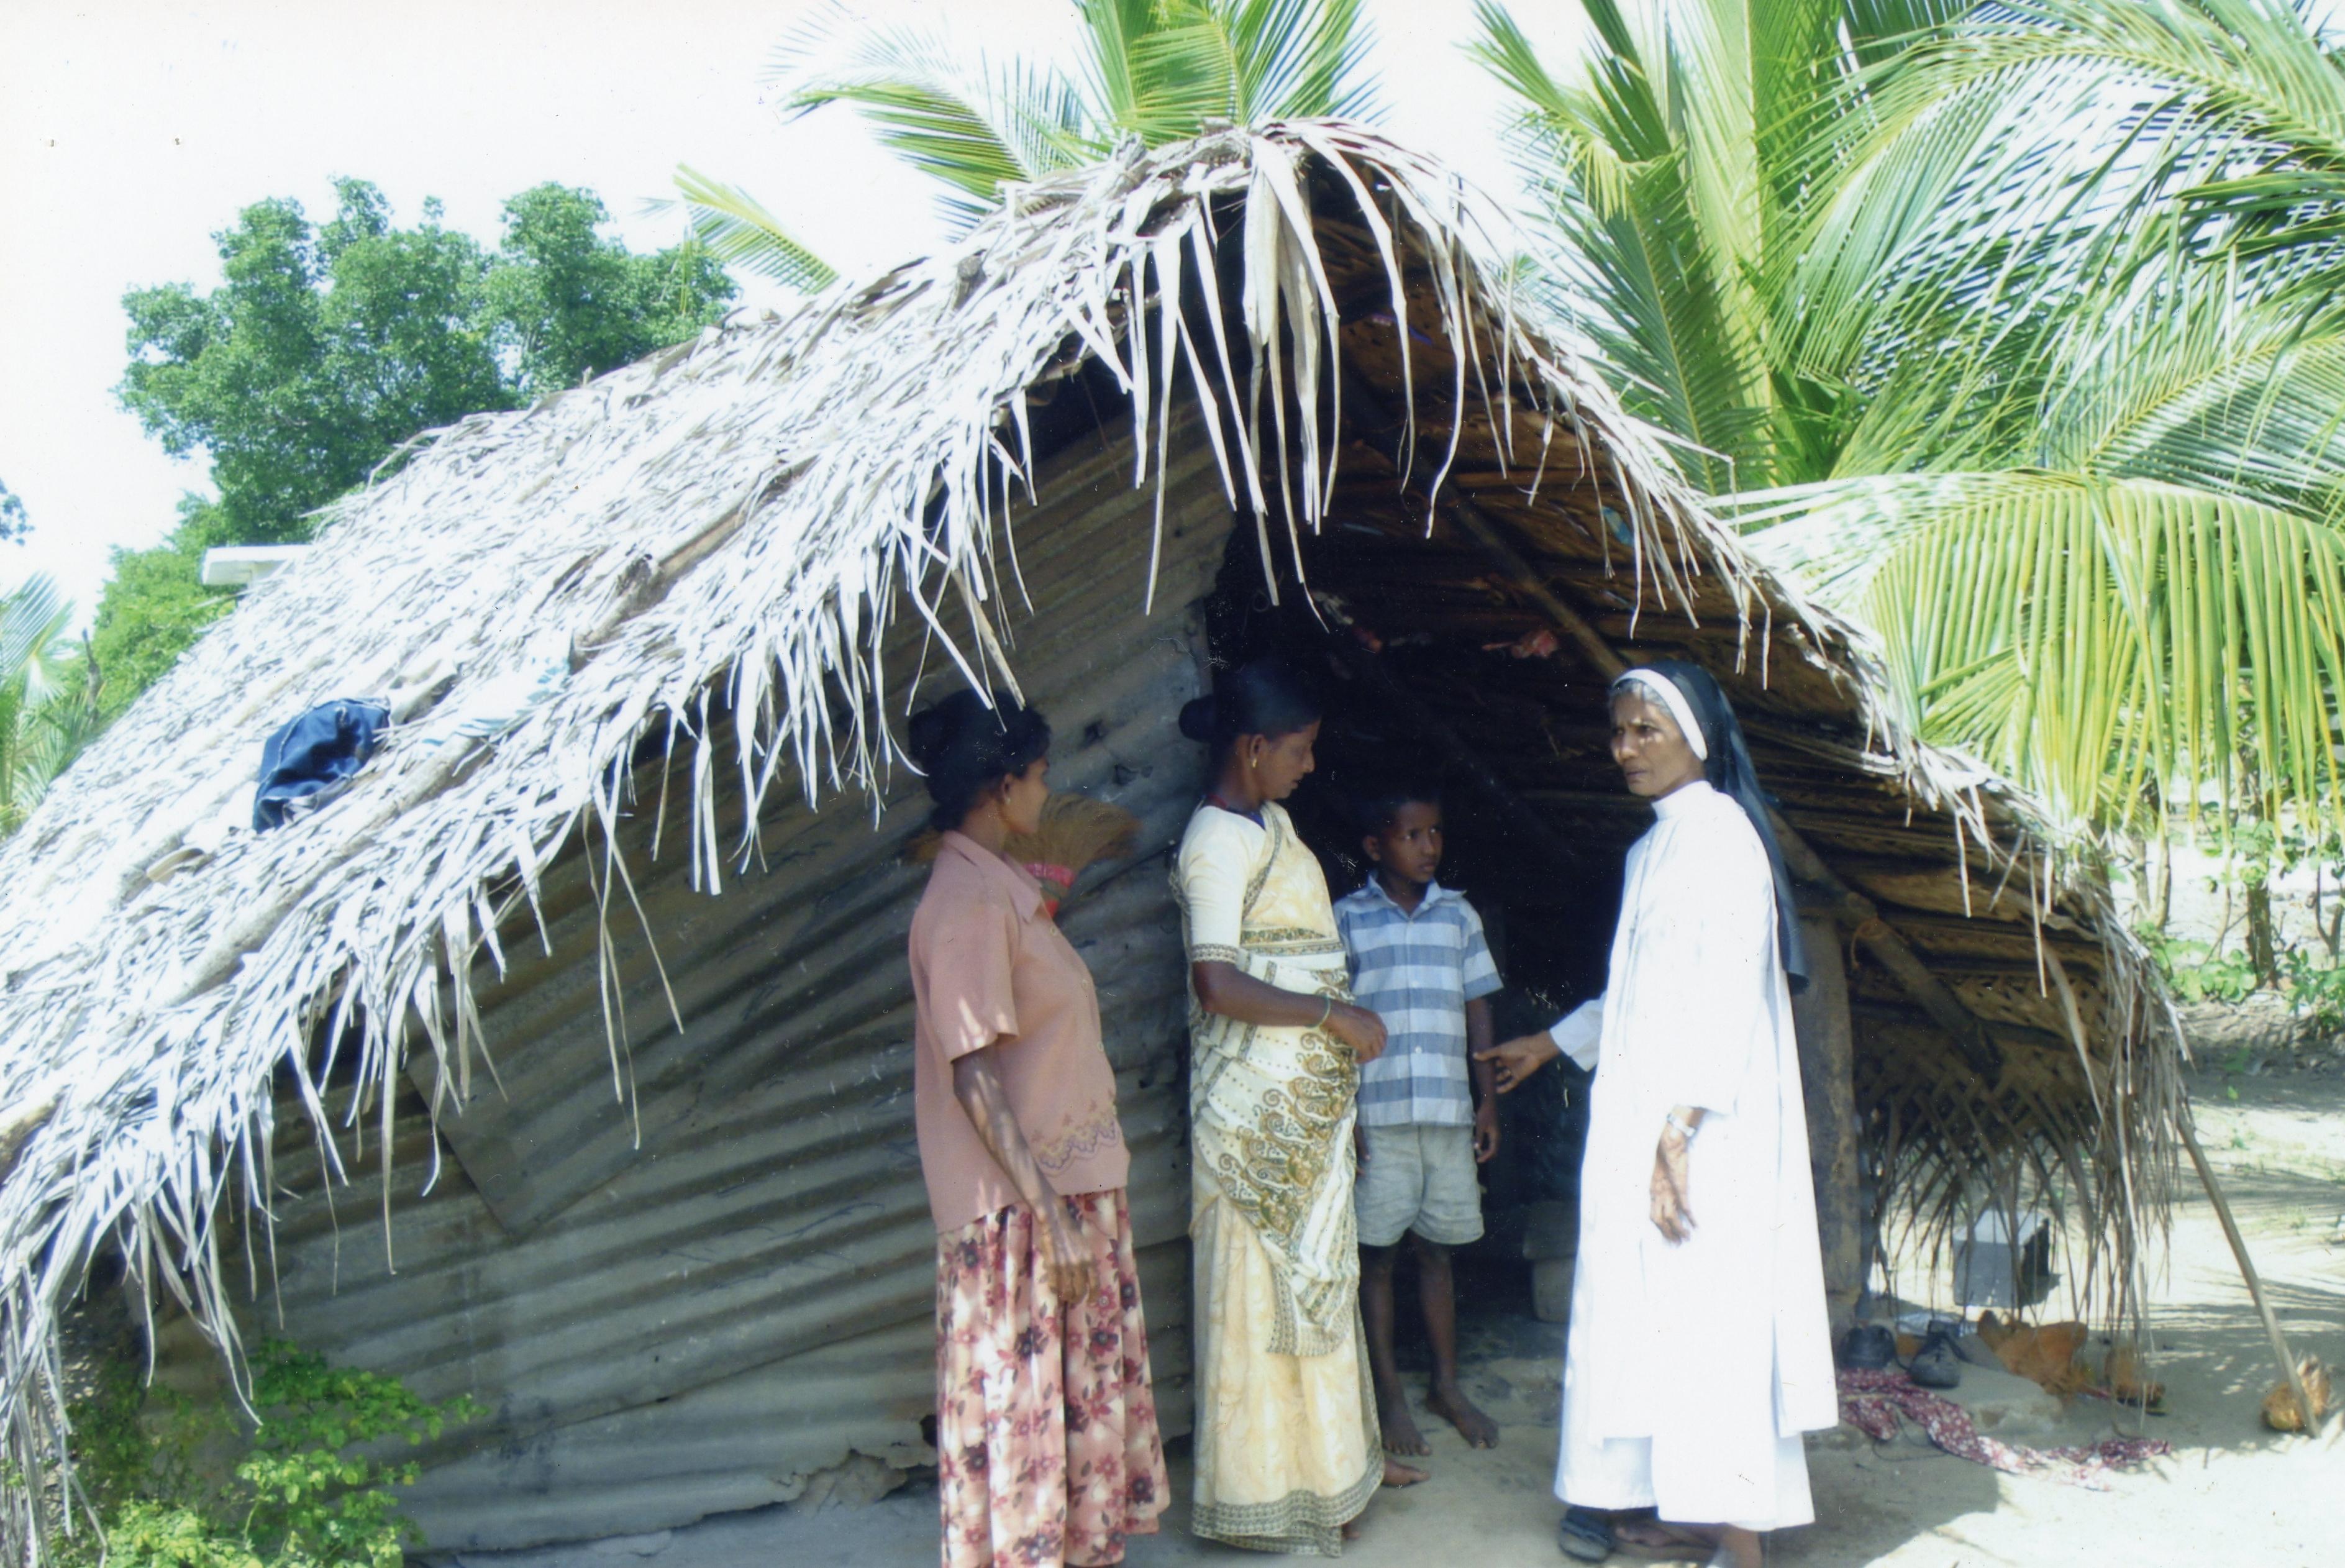 Proyecto de mes: Ayuda a la reconstrucción de un convento destruido en la guerra civil en Sri Lanka